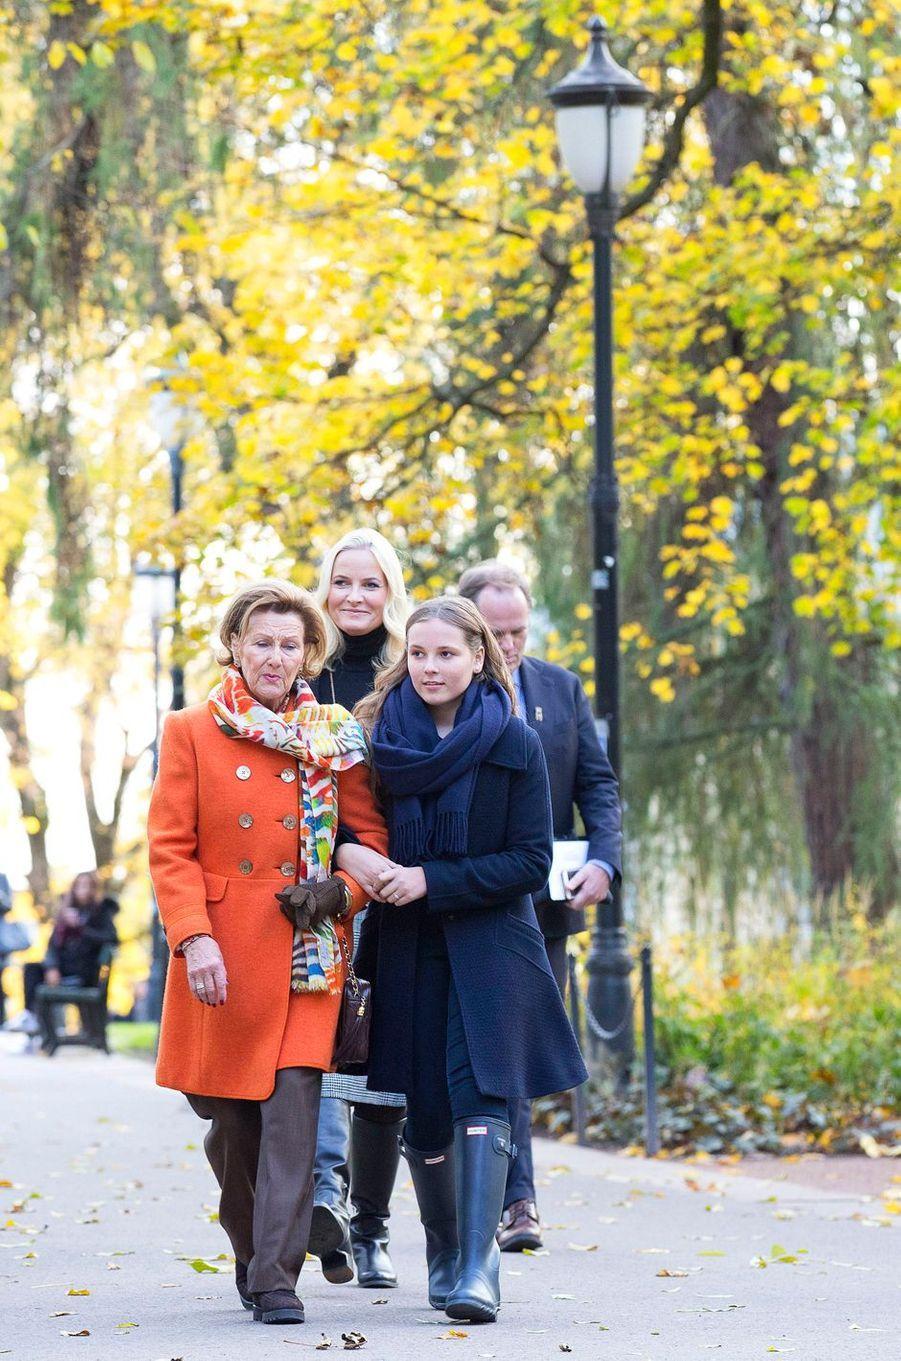 La reine Sonja et les princesses Mette-Marit et Ingrid Alexandra de Norvège à Oslo, le 19 octobre 2017